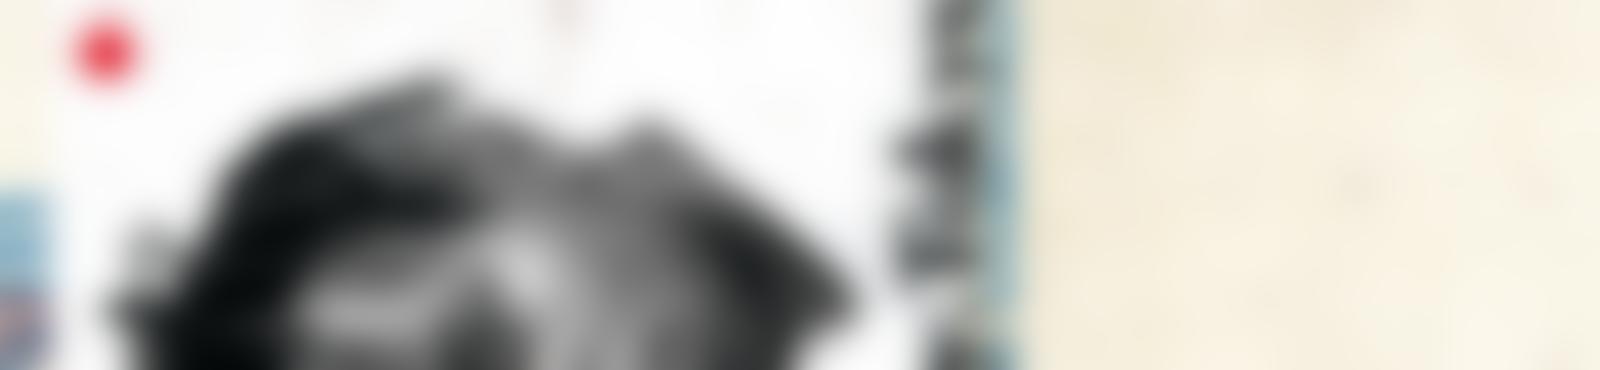 Blurred 3cce69b0 3d5d 45f4 a6ad 8a12230de1a0